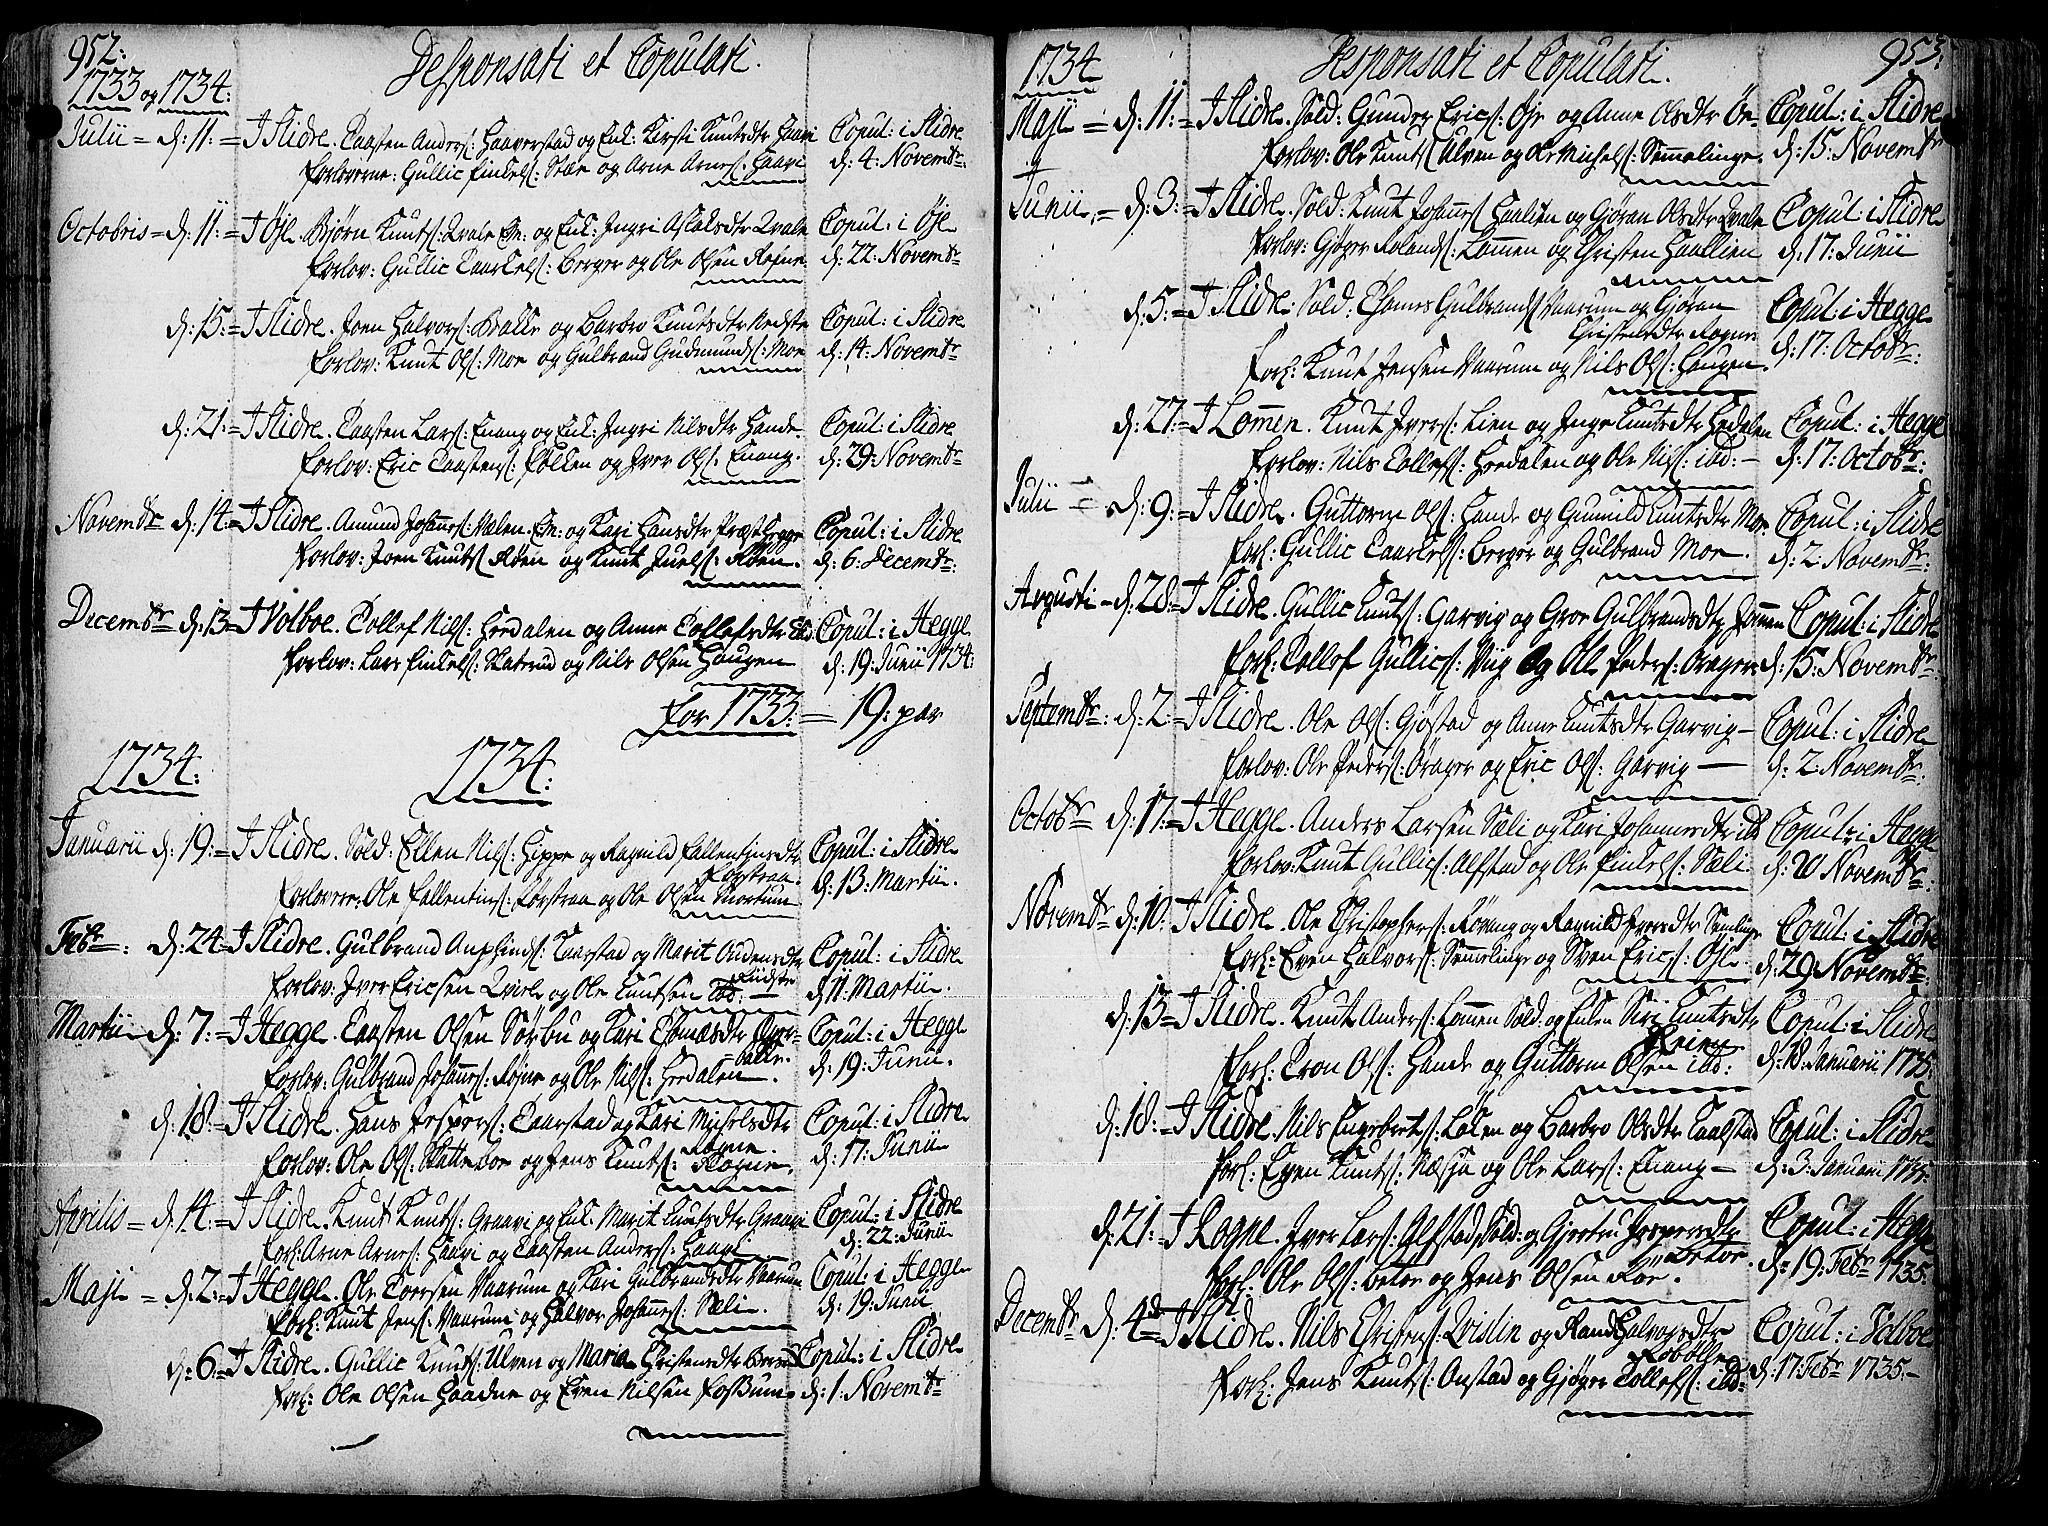 SAH, Slidre prestekontor, Ministerialbok nr. 1, 1724-1814, s. 952-953